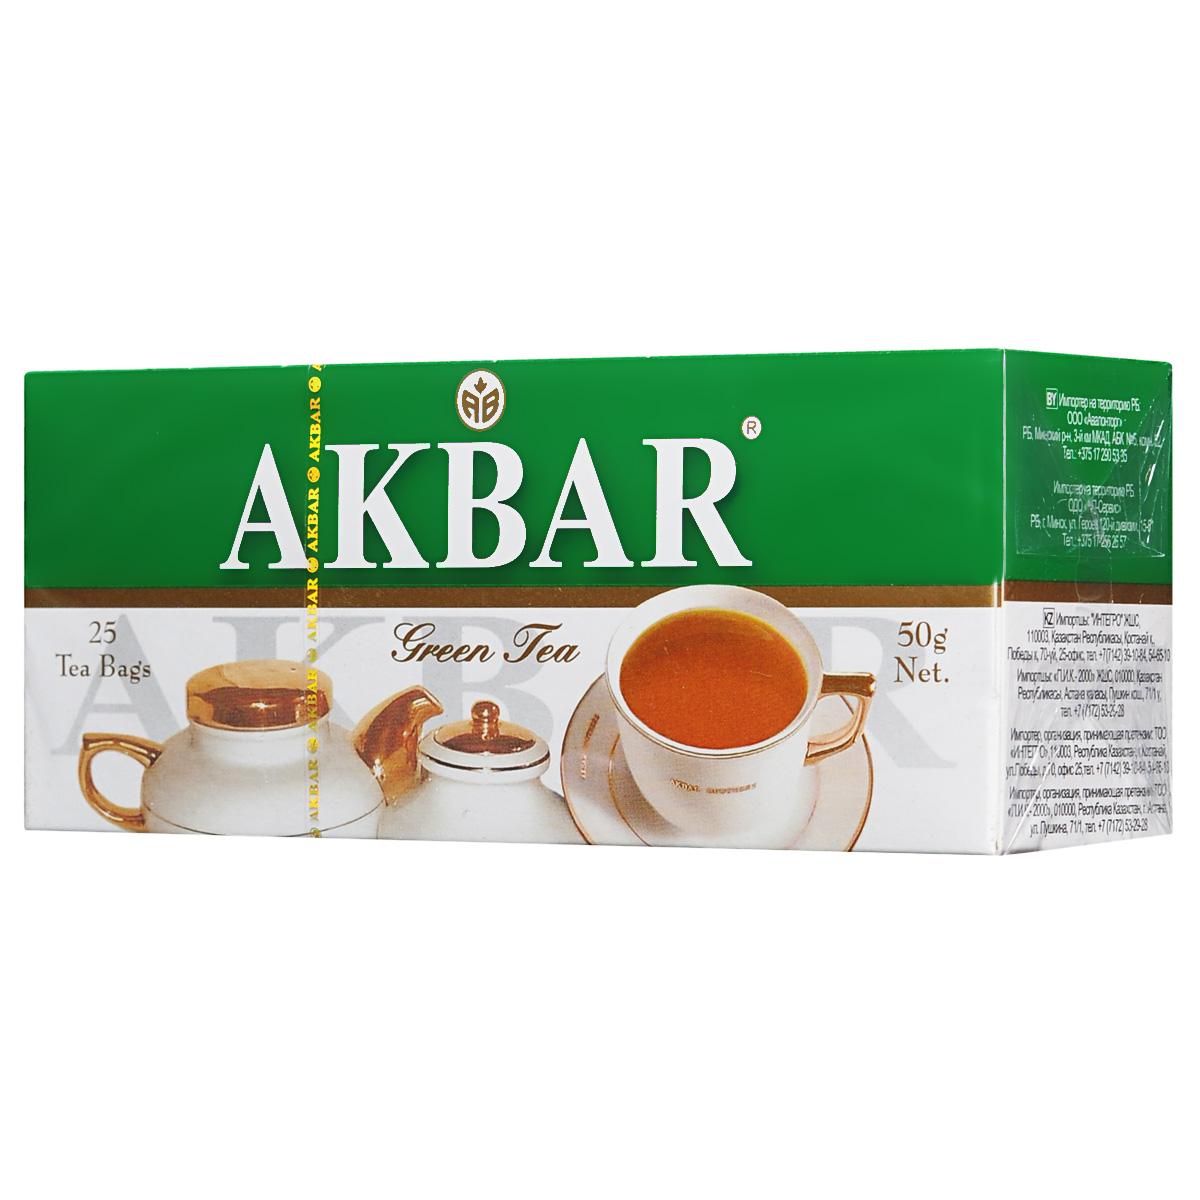 Akbar Green зеленый чай в пакетиках, 25 шт1041228У сторонников здорового образа жизни, столь популярного в мире в наши дни, широкую известность приобрели зеленые чаи Akbar Green, которые не только отличаются своим оригинальным вкусом и ароматом, но и оказывают на человека благотворное стимулирующее влияние, придают ему силу, энергию и бодрость духа. Известно, что чай содержит множество витаминов и полезных веществ, способствующих укреплению здоровья и процессу омолаживания организма человека. Поэтому компания «Akbar Brothers» максимально использует его природные оздоровительные свойства в своей продукции.